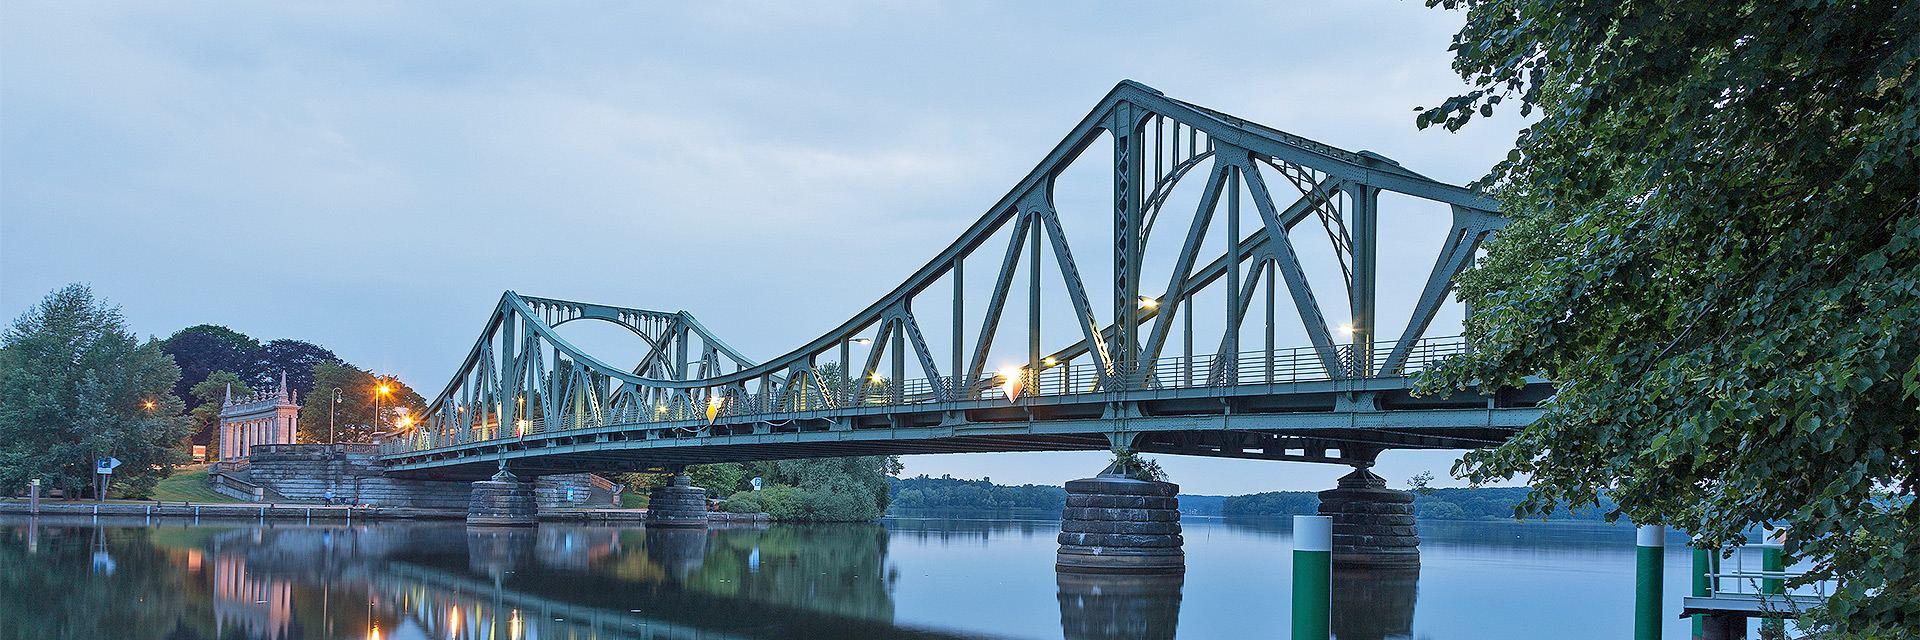 brandenburg nord